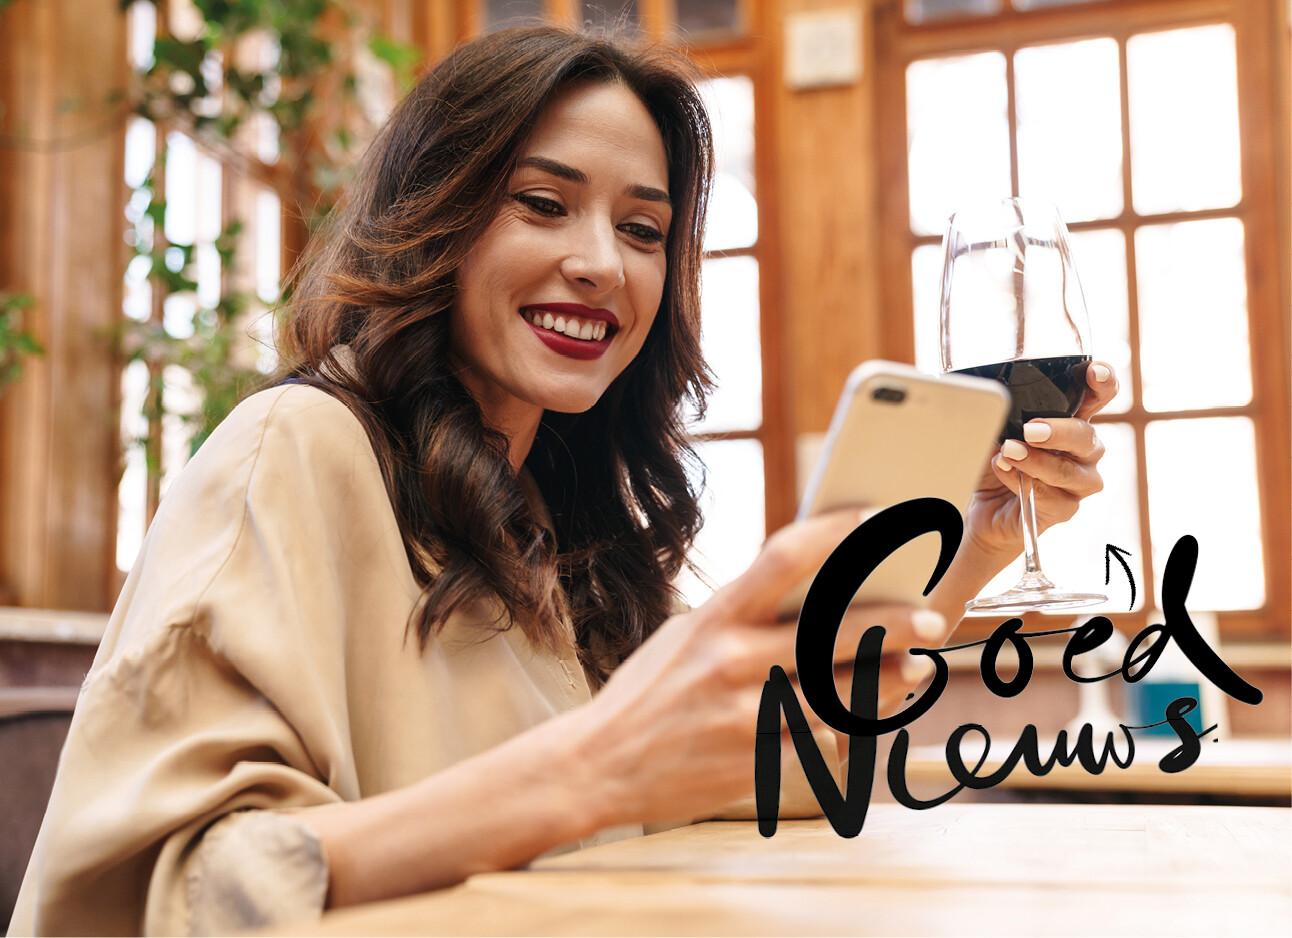 vrouw met rode wijn in hand en kijkend naar telefoon